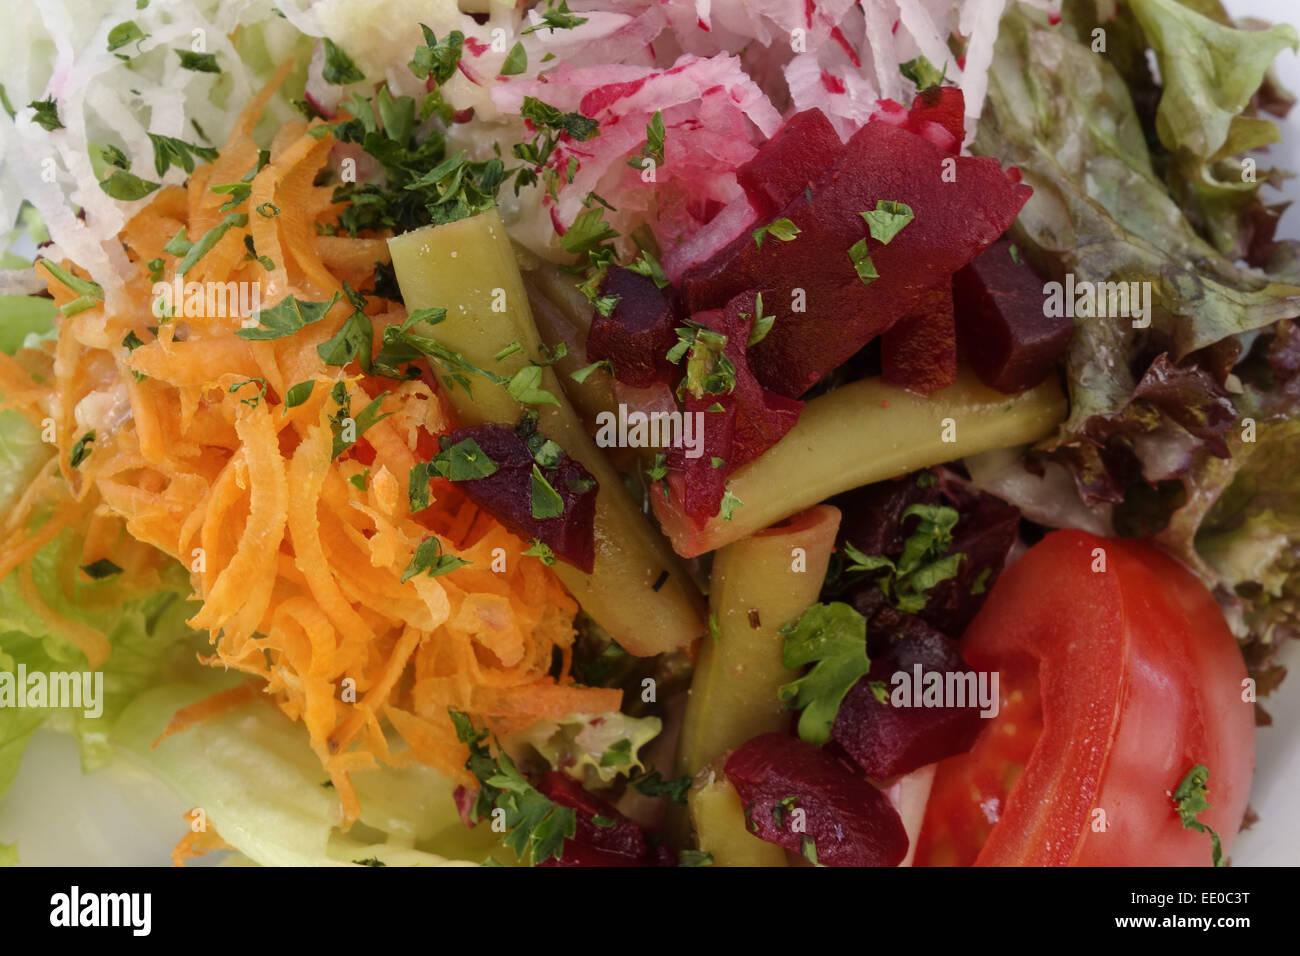 Gemischter Salat, rialhaft, gemischter Salat, rohes Gemüse, Ernährung, Salat, Mixed, gesund, Platten, Stockbild